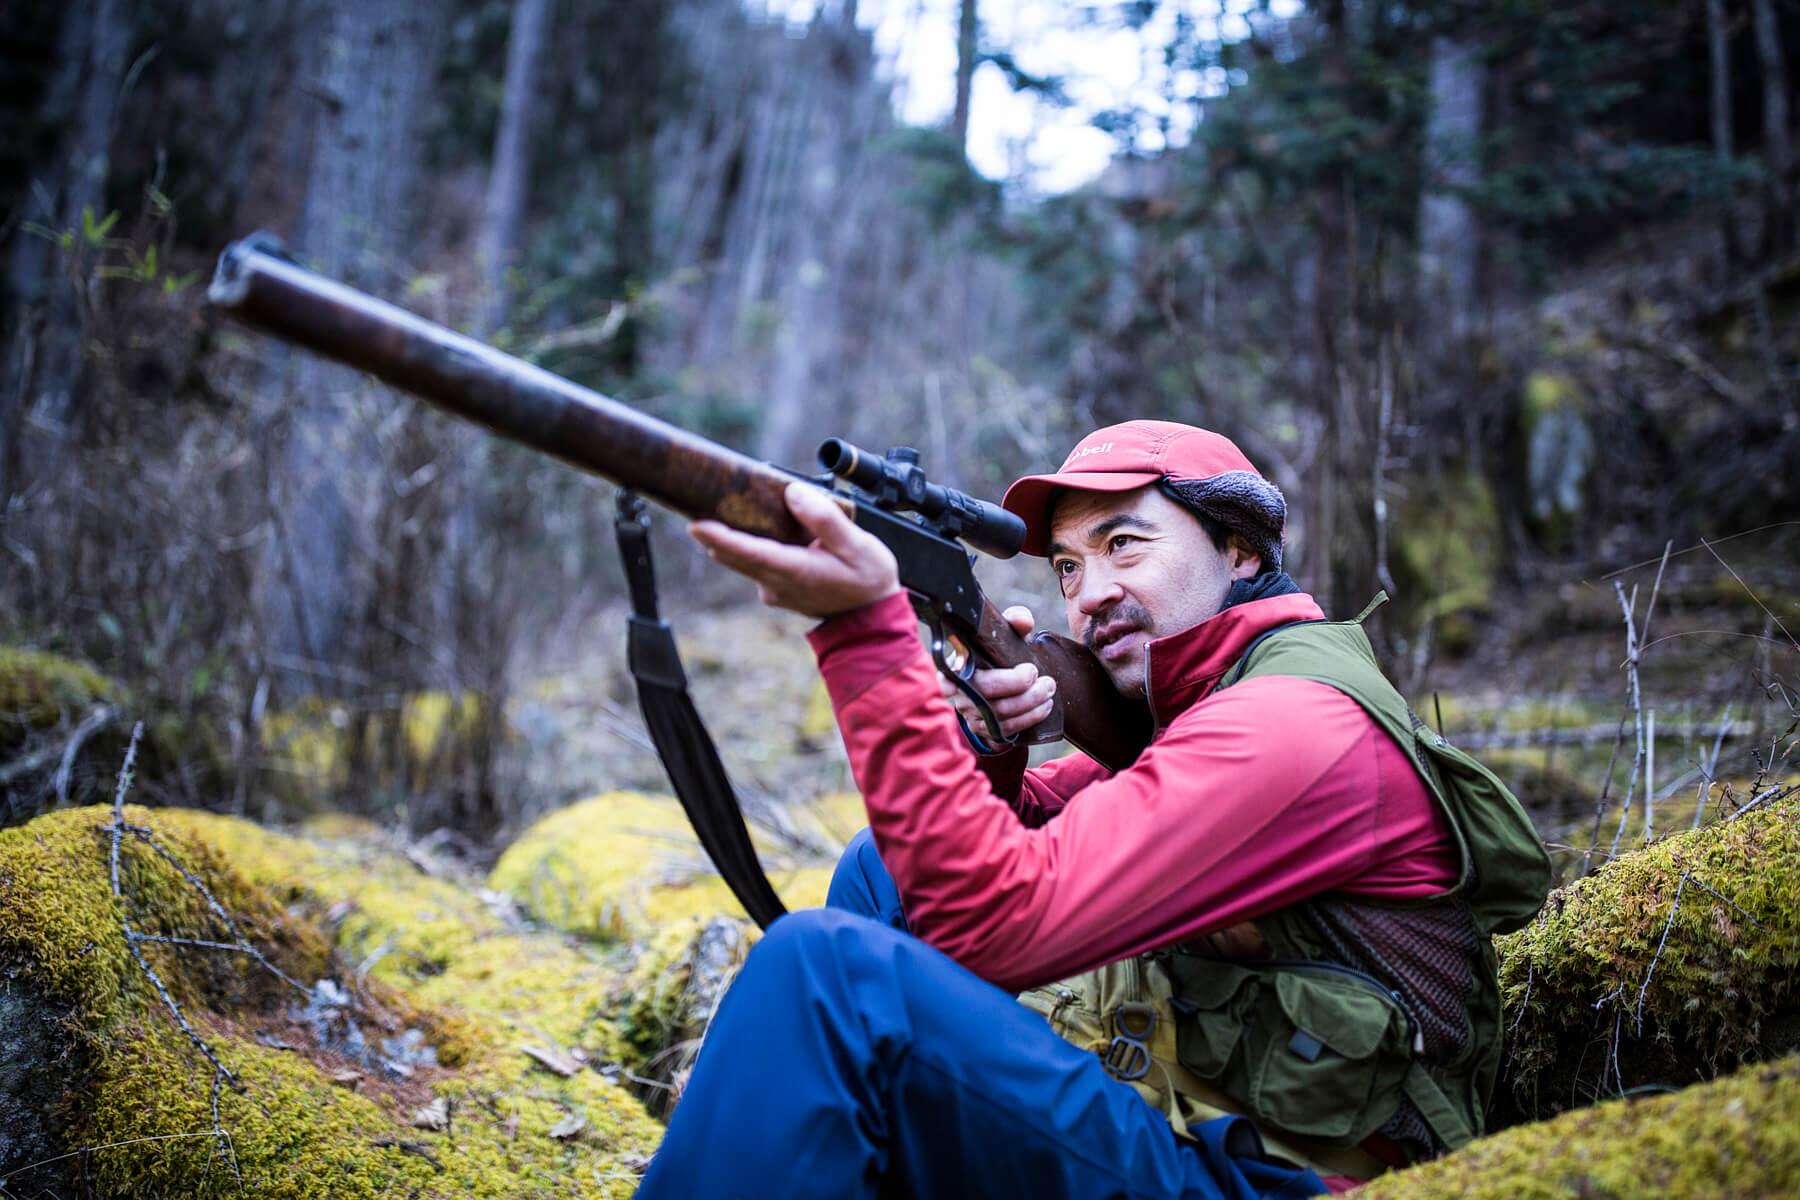 全身全霊で、暮らす。異端の登山家が再発見した「新しい狩猟採集生活」前編